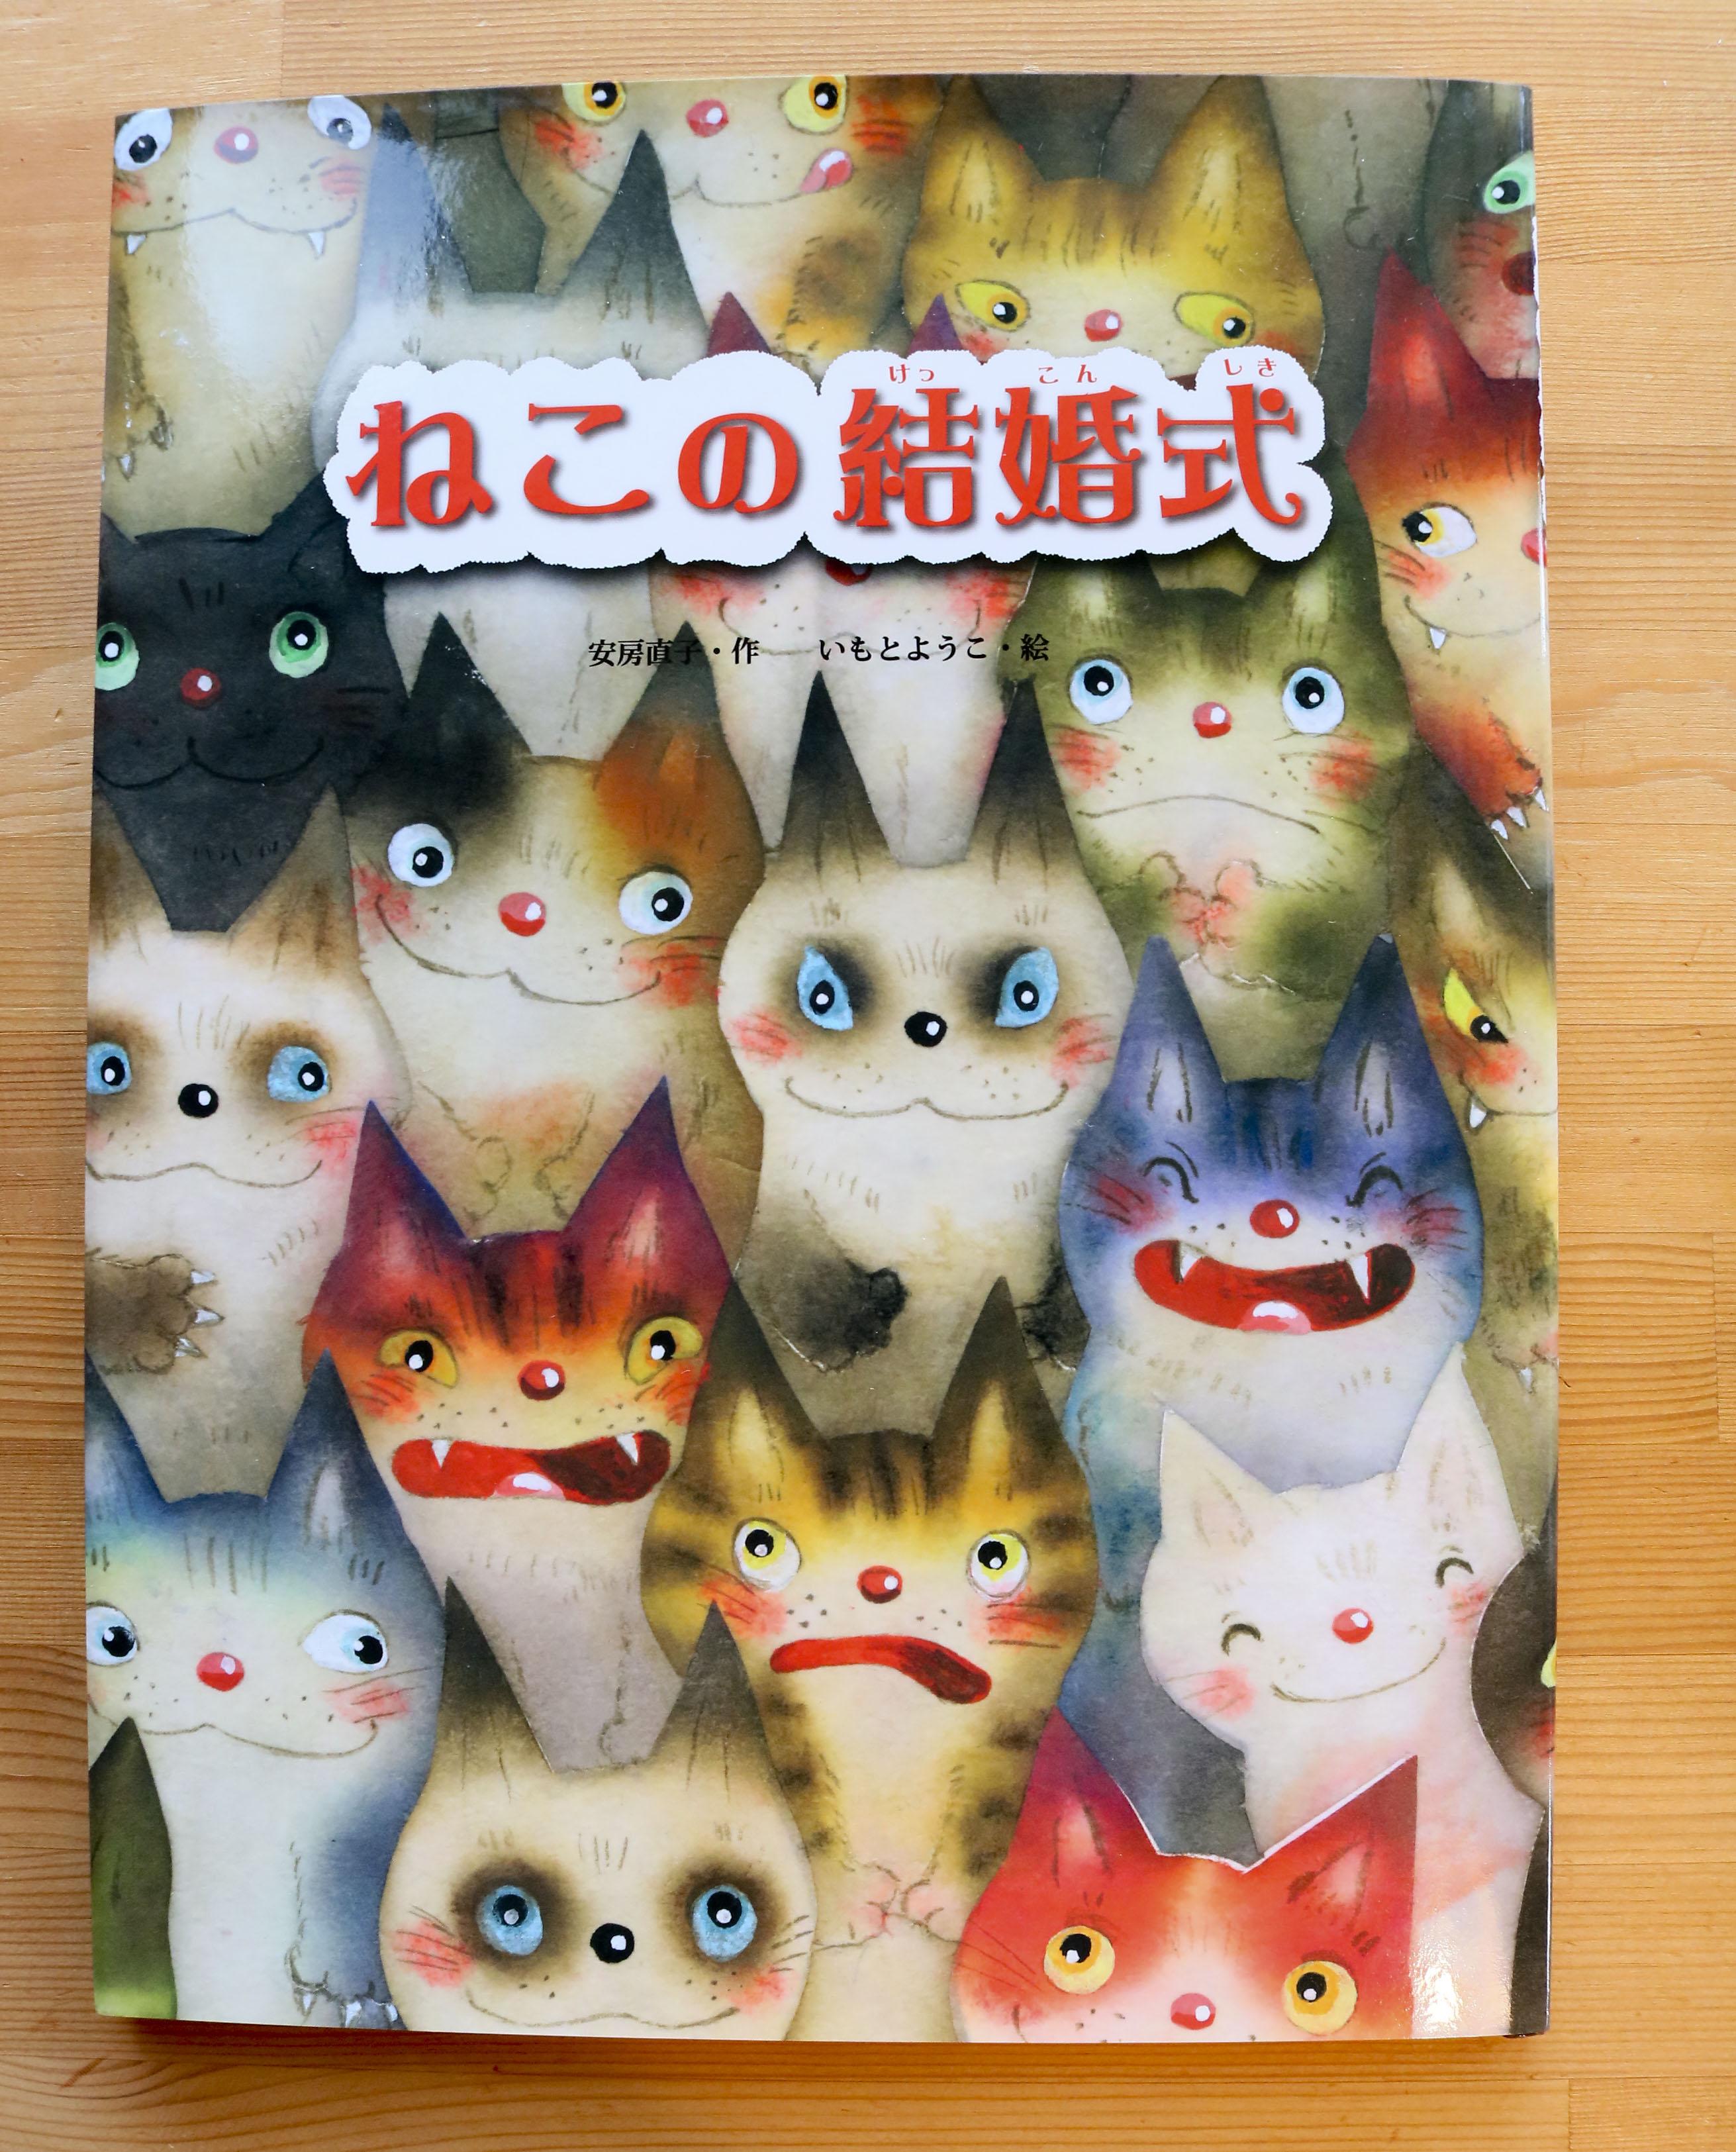 ねこの結婚式 猫絵本 絵本 大人絵本 秋田 かぎしっぽ